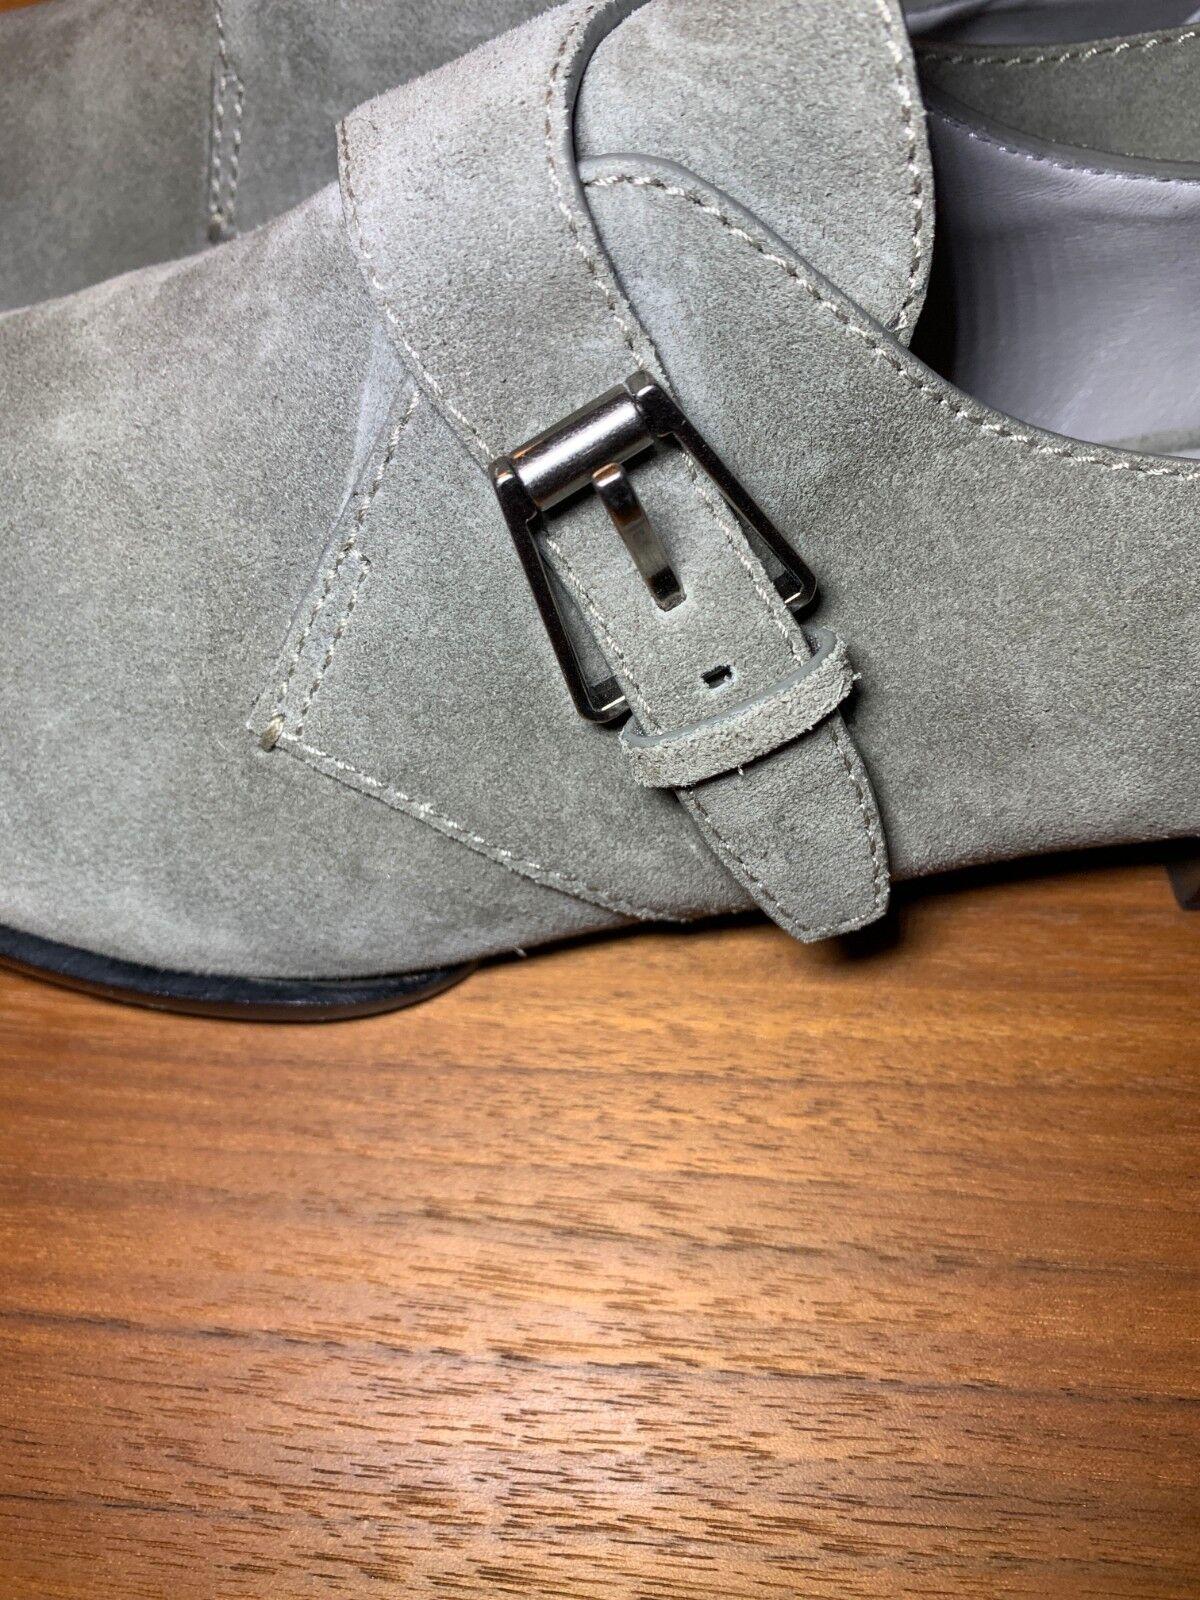 15c33c47c3a ... ALEXANDER WANG Monk Strap Oxfords shoes Suede Grey Size Size Size US 11  EU 41 063320 ...